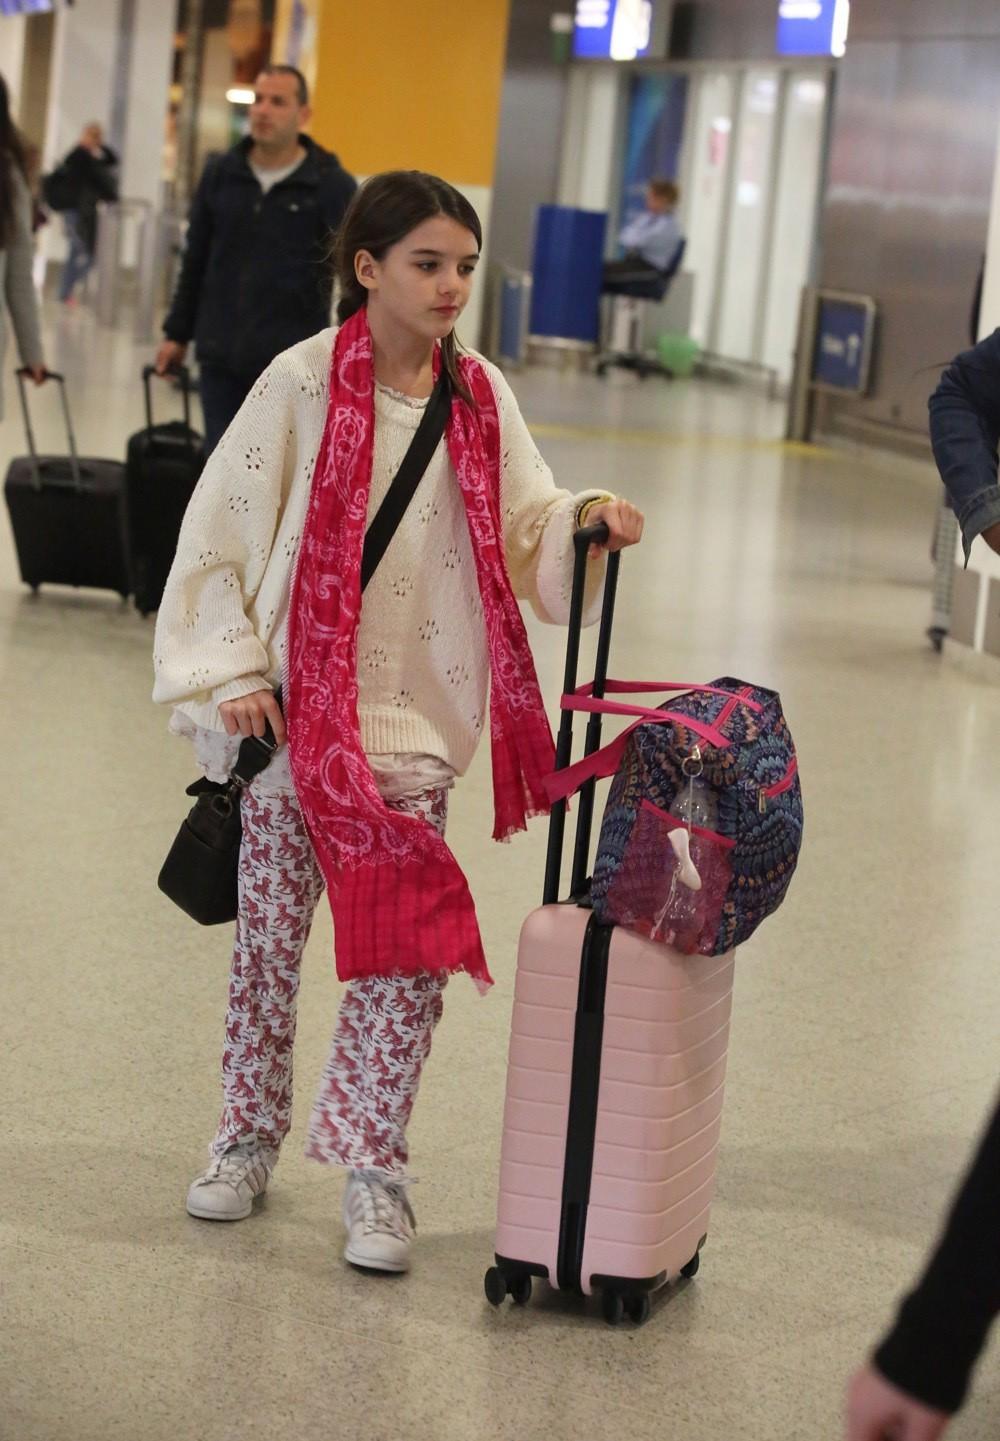 Hành trình nhan sắc 2 công chúa nhà sao hot nhất Hollywood: Harper Beckham xinh ra, Suri Cruise ngày càng bị dìm - Ảnh 31.